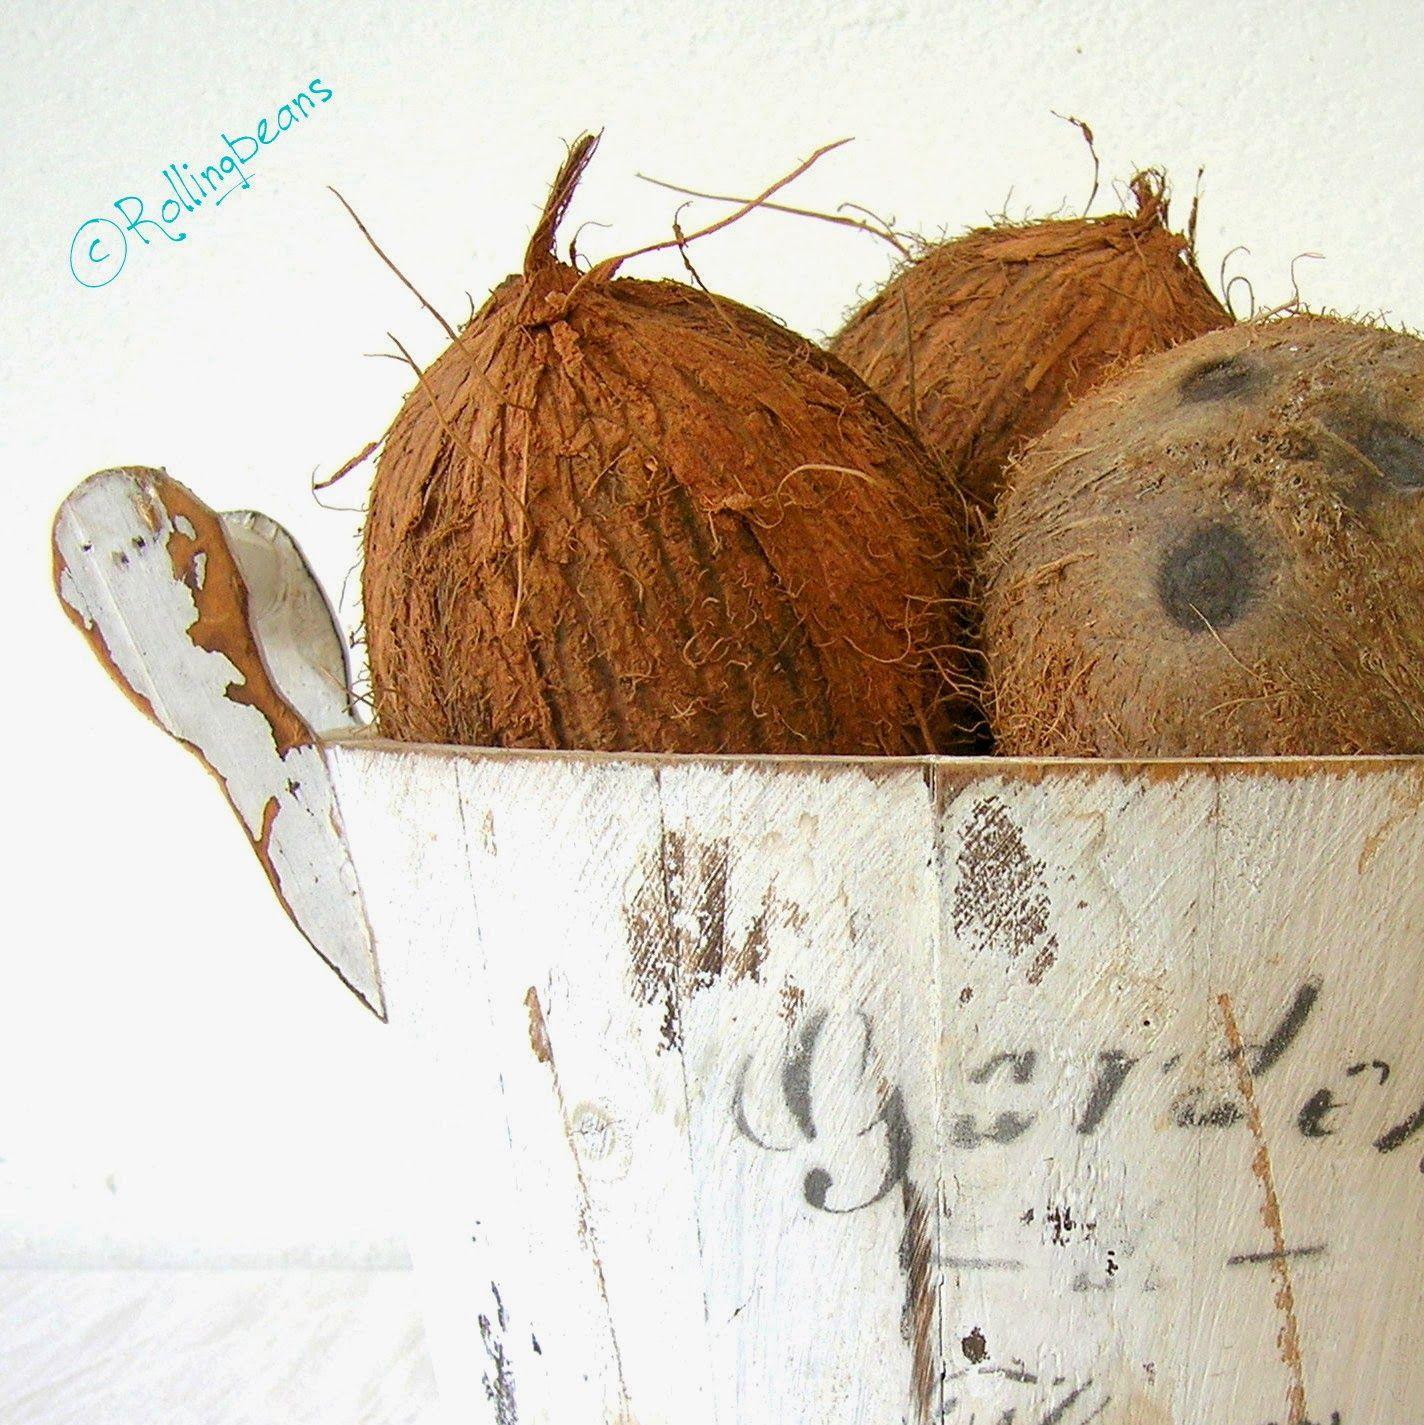 Come fare l 39 olio di cocco in casa facile da fare si pu for Casa di cura facile arbusti di fronte